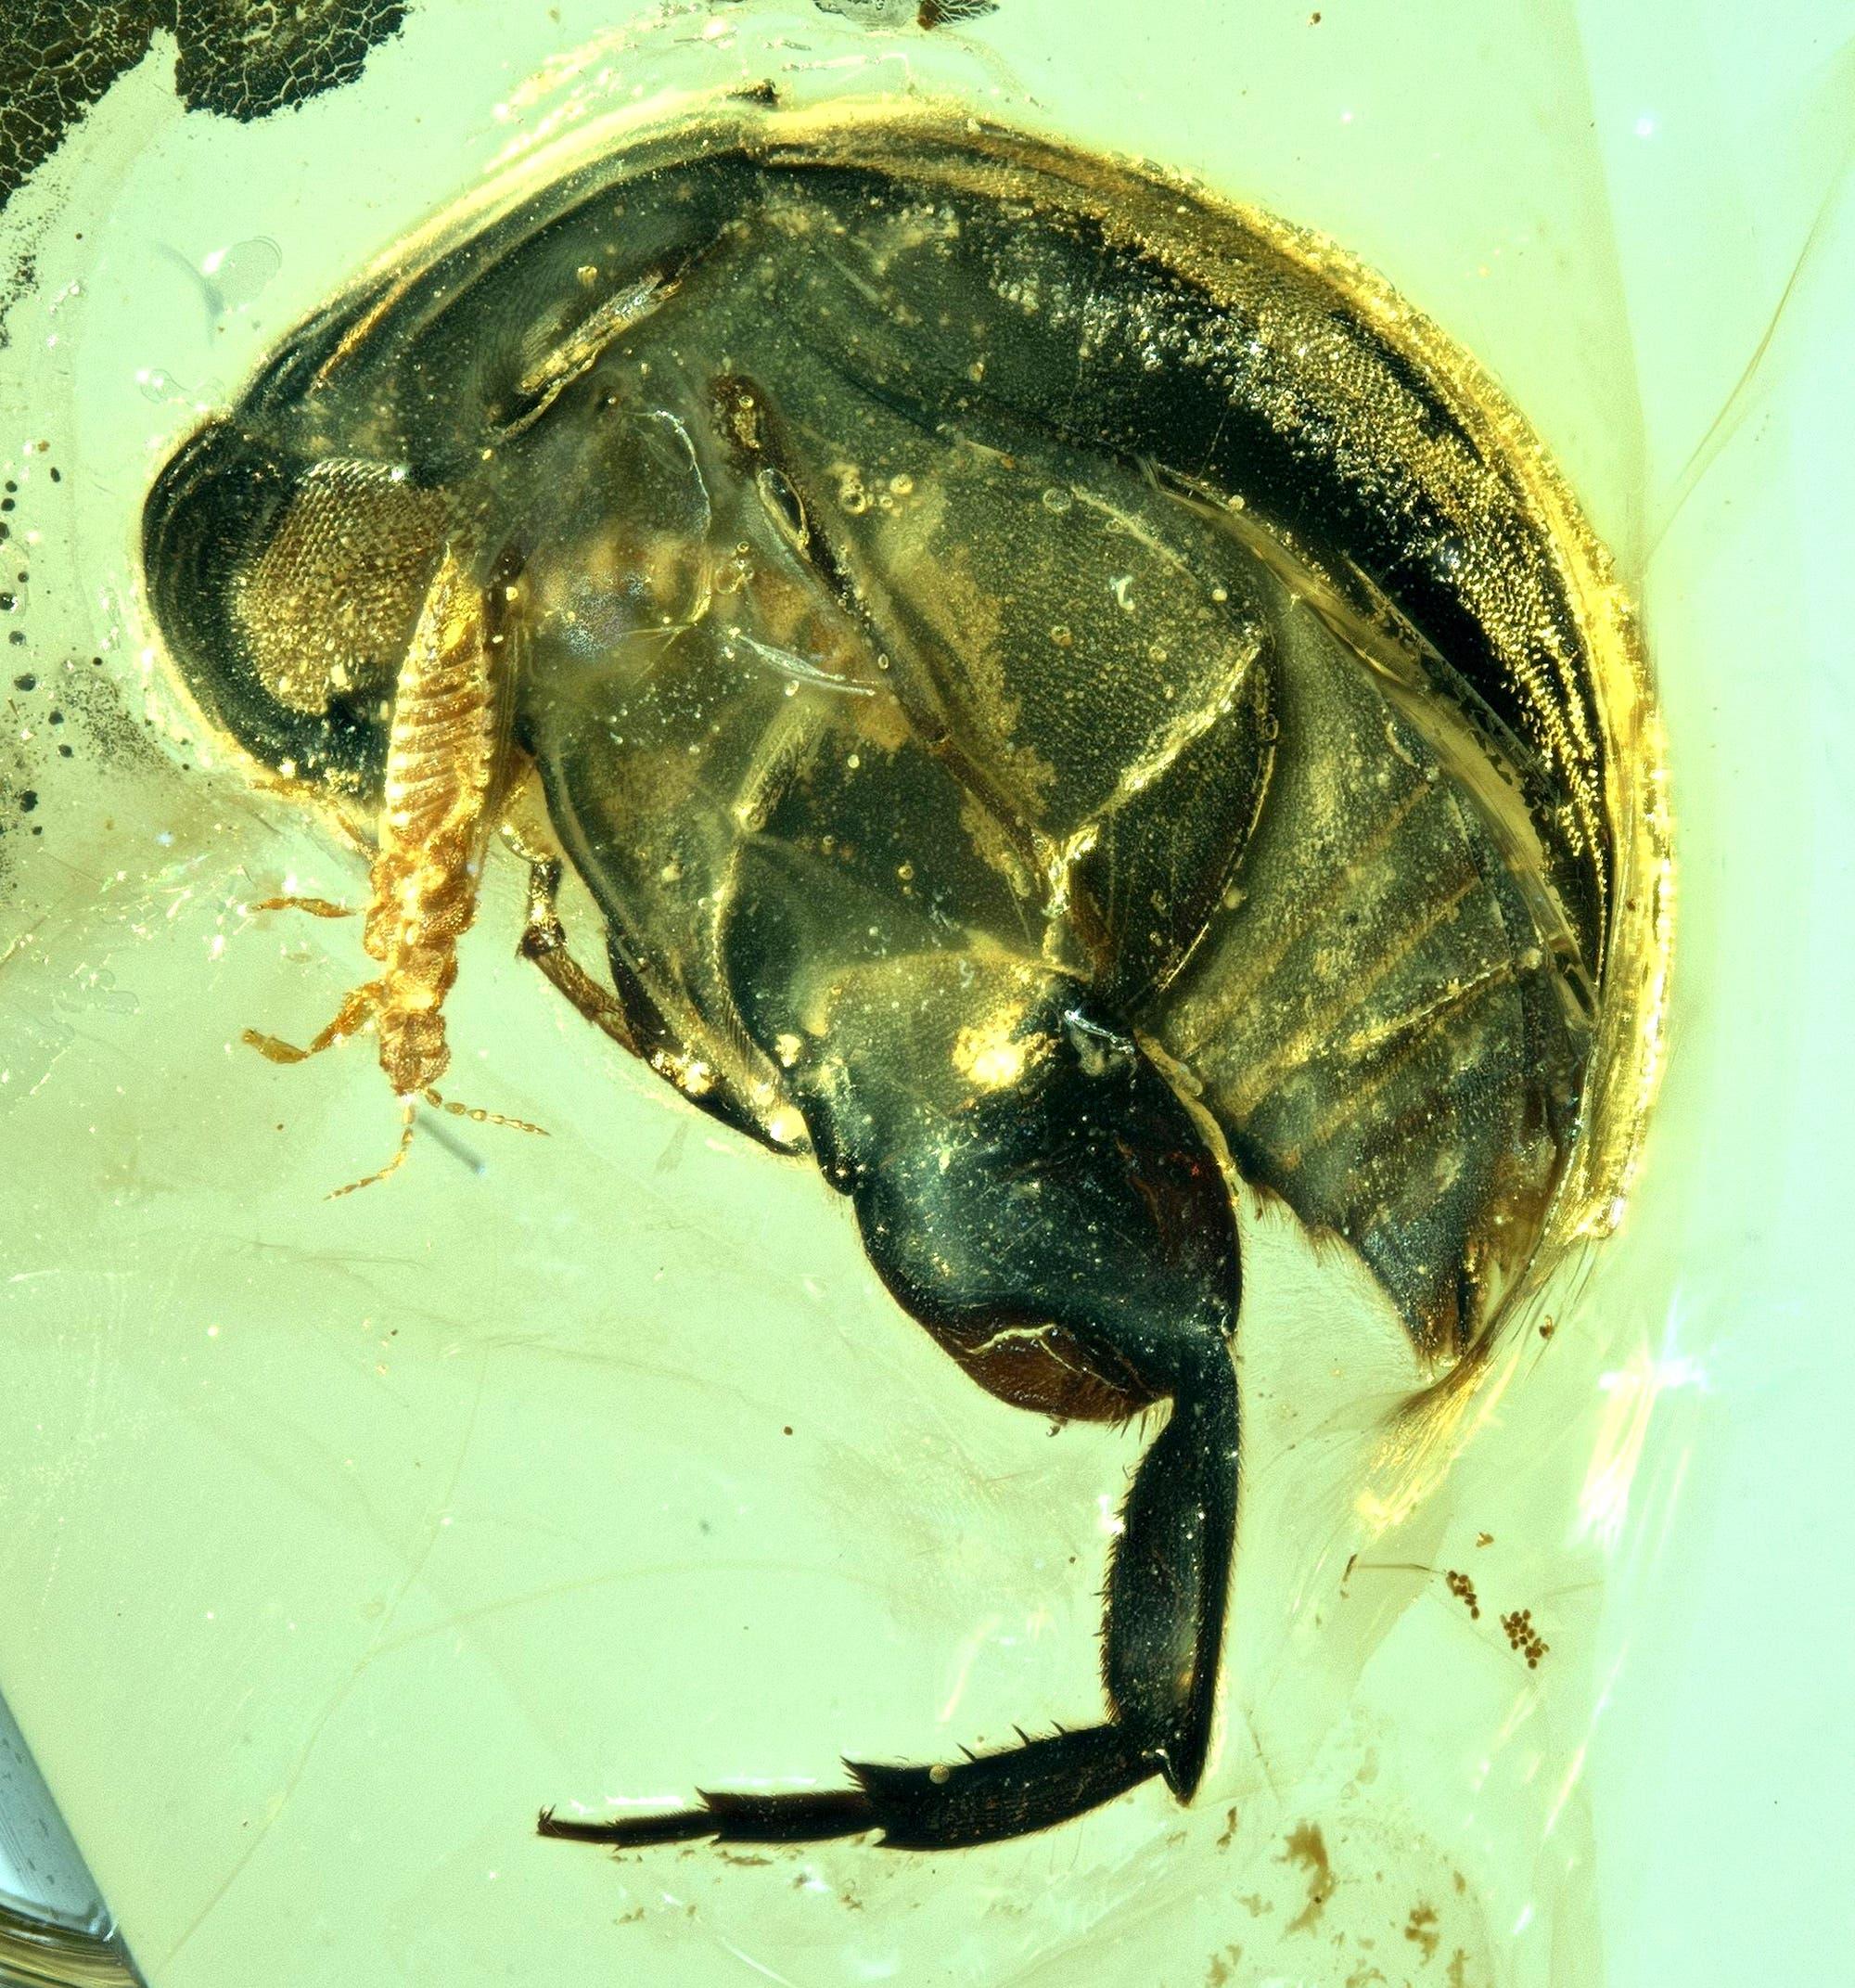 In Bernstein eingeschlossener Kreidezeit-Käfer